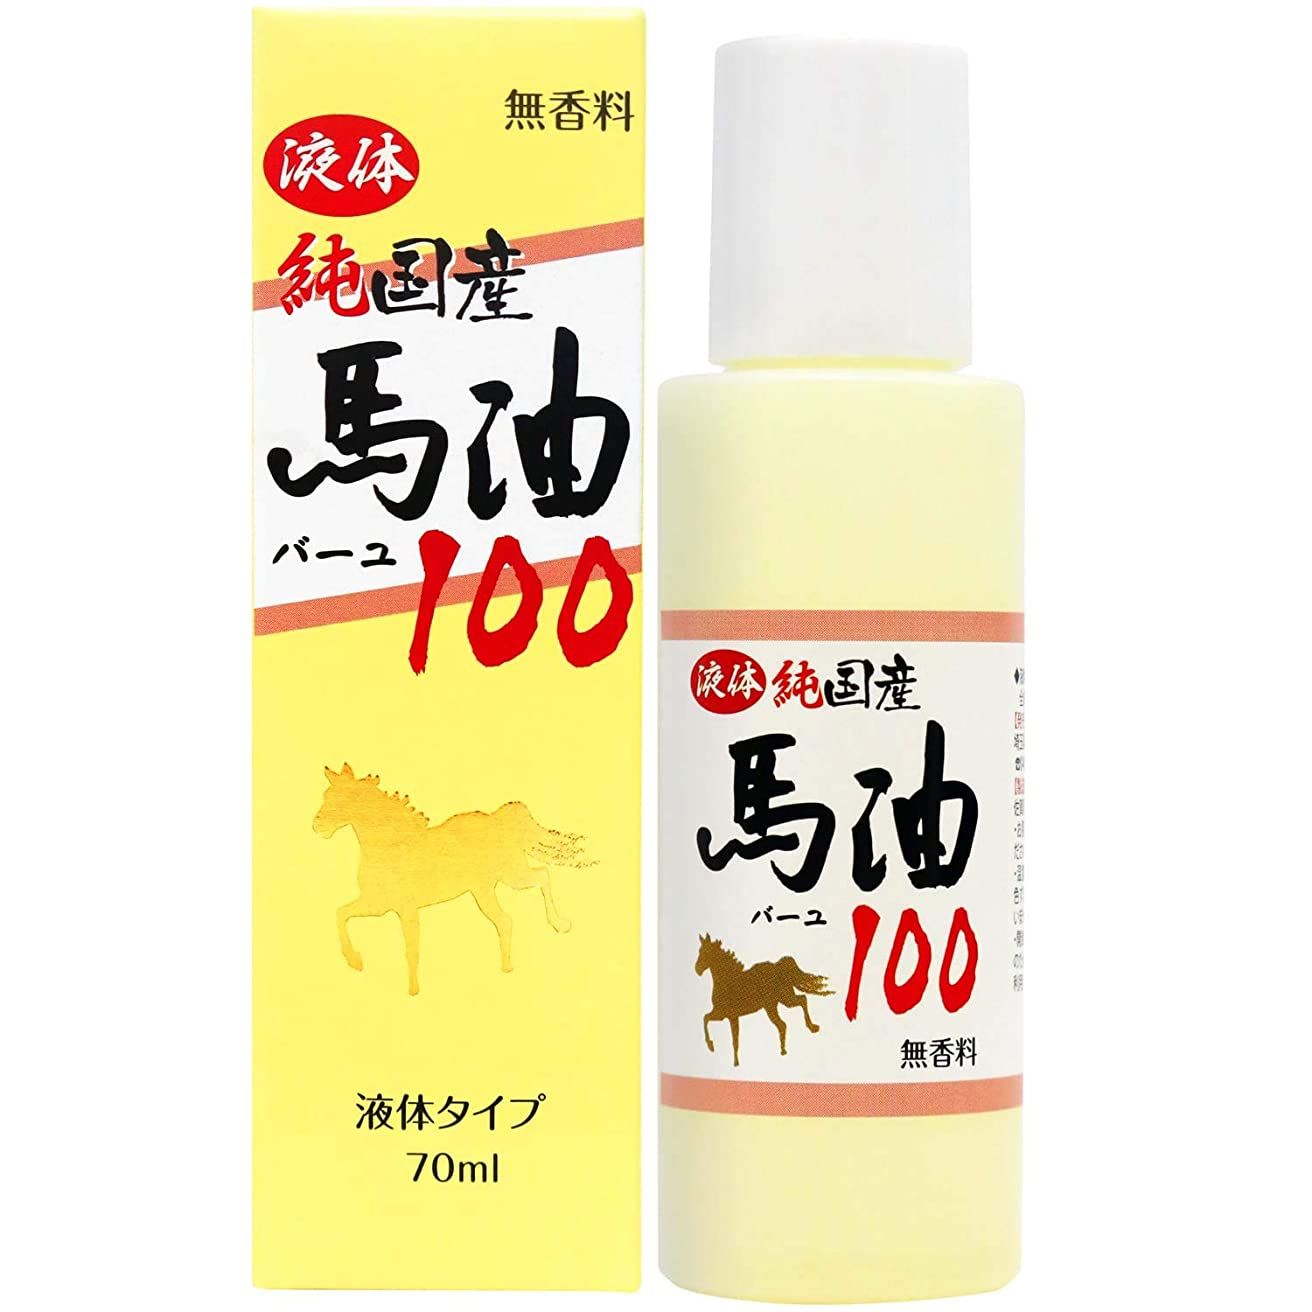 杭関係する心配するユウキ製薬 液体純国産馬油100 70ml